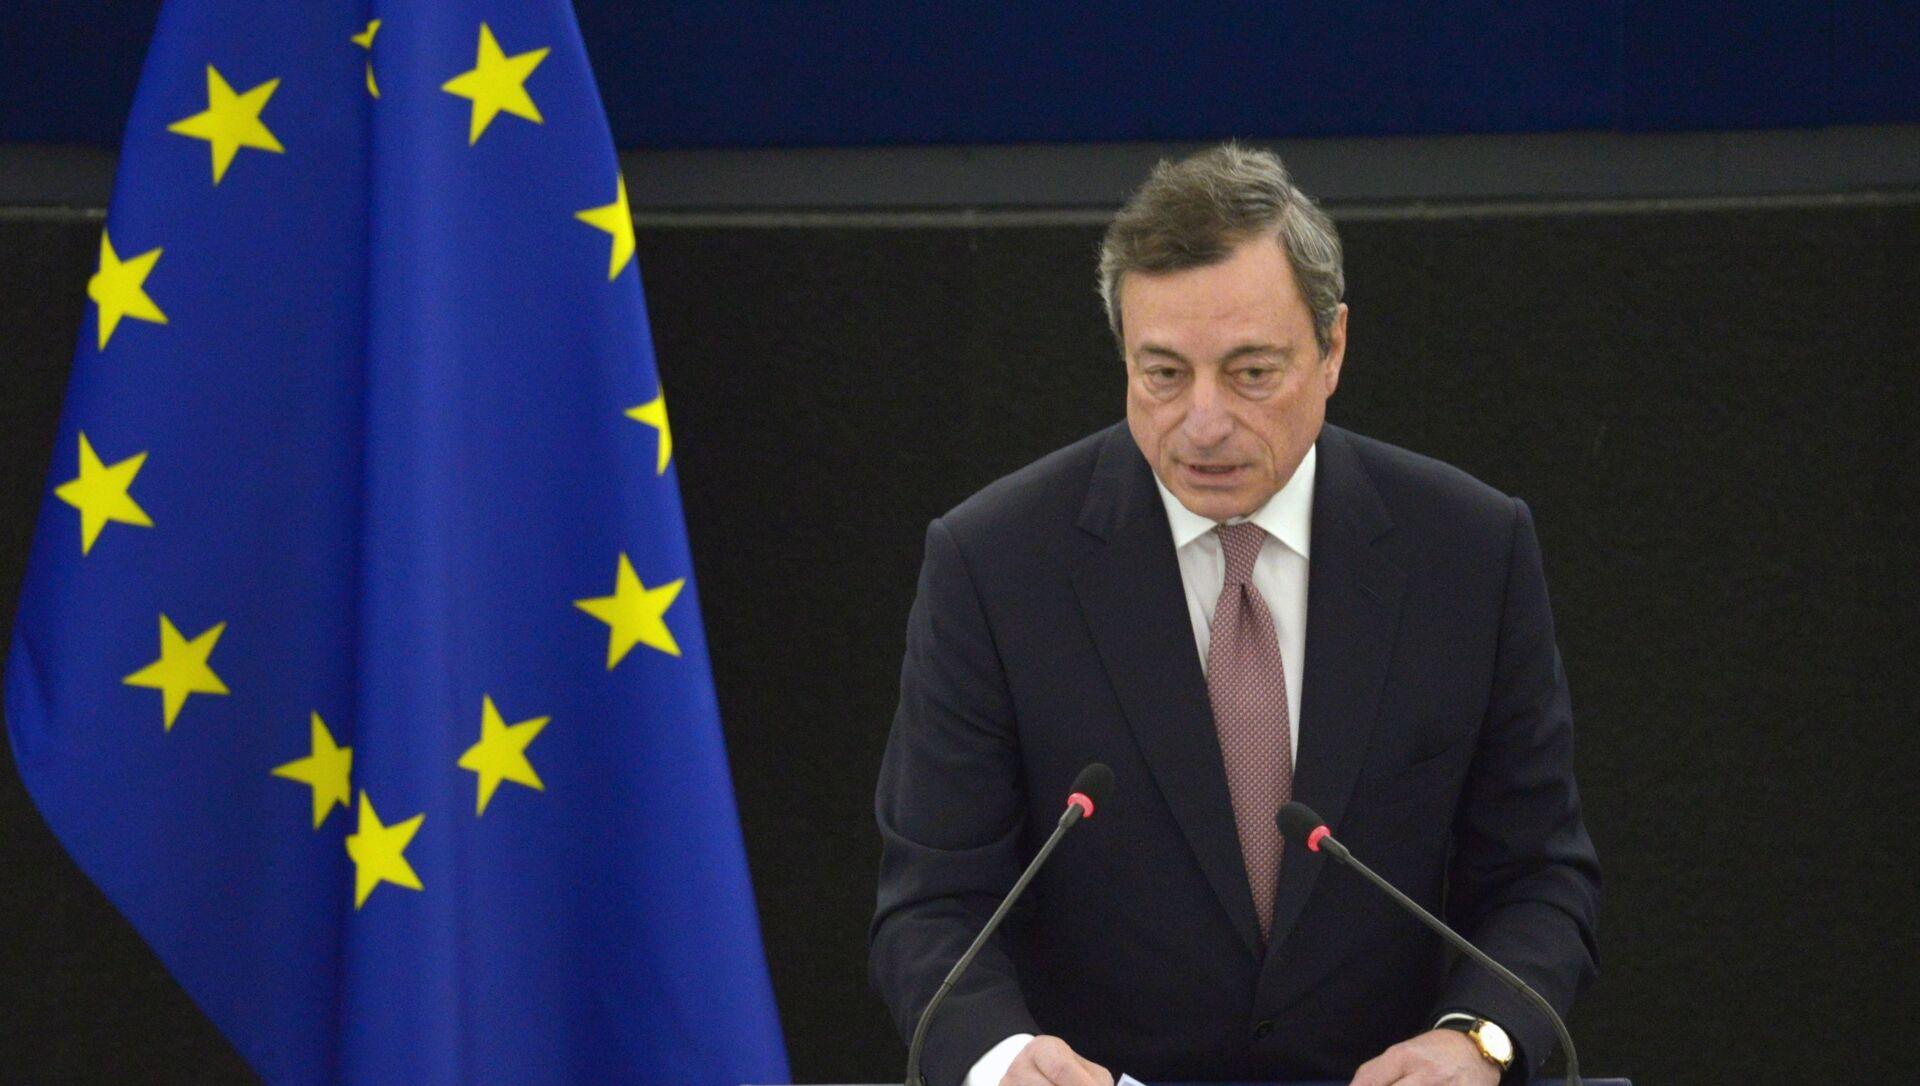 Draghi e il messaggio a Salvini: 'Questo governo significa condividere irreversibilità dell'euro' - Sputnik Italia, 1920, 17.02.2021